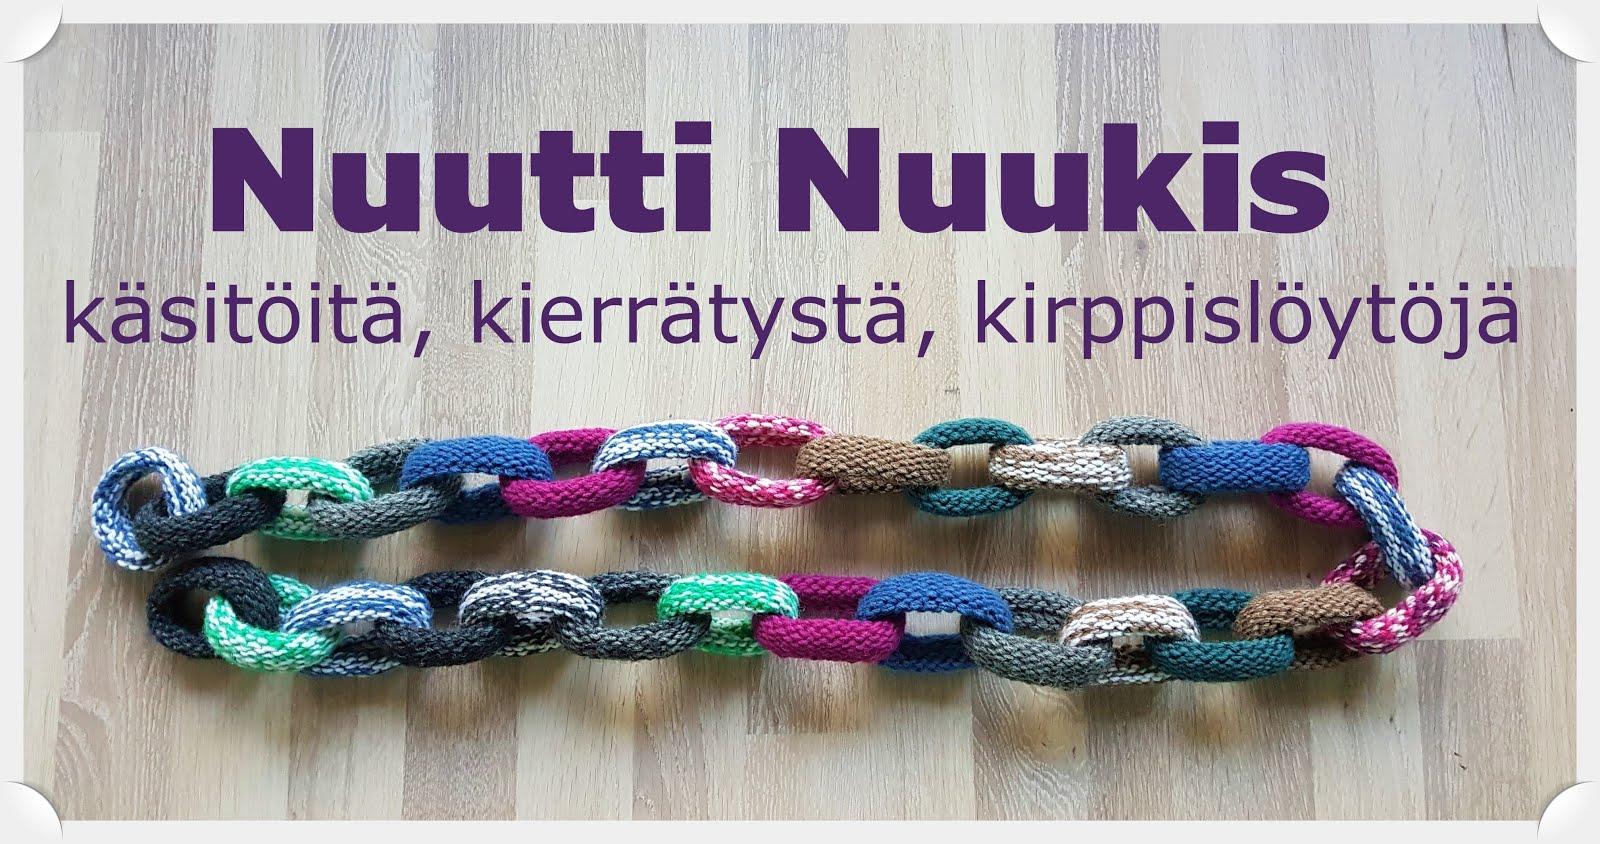 Nuutti Nuukis